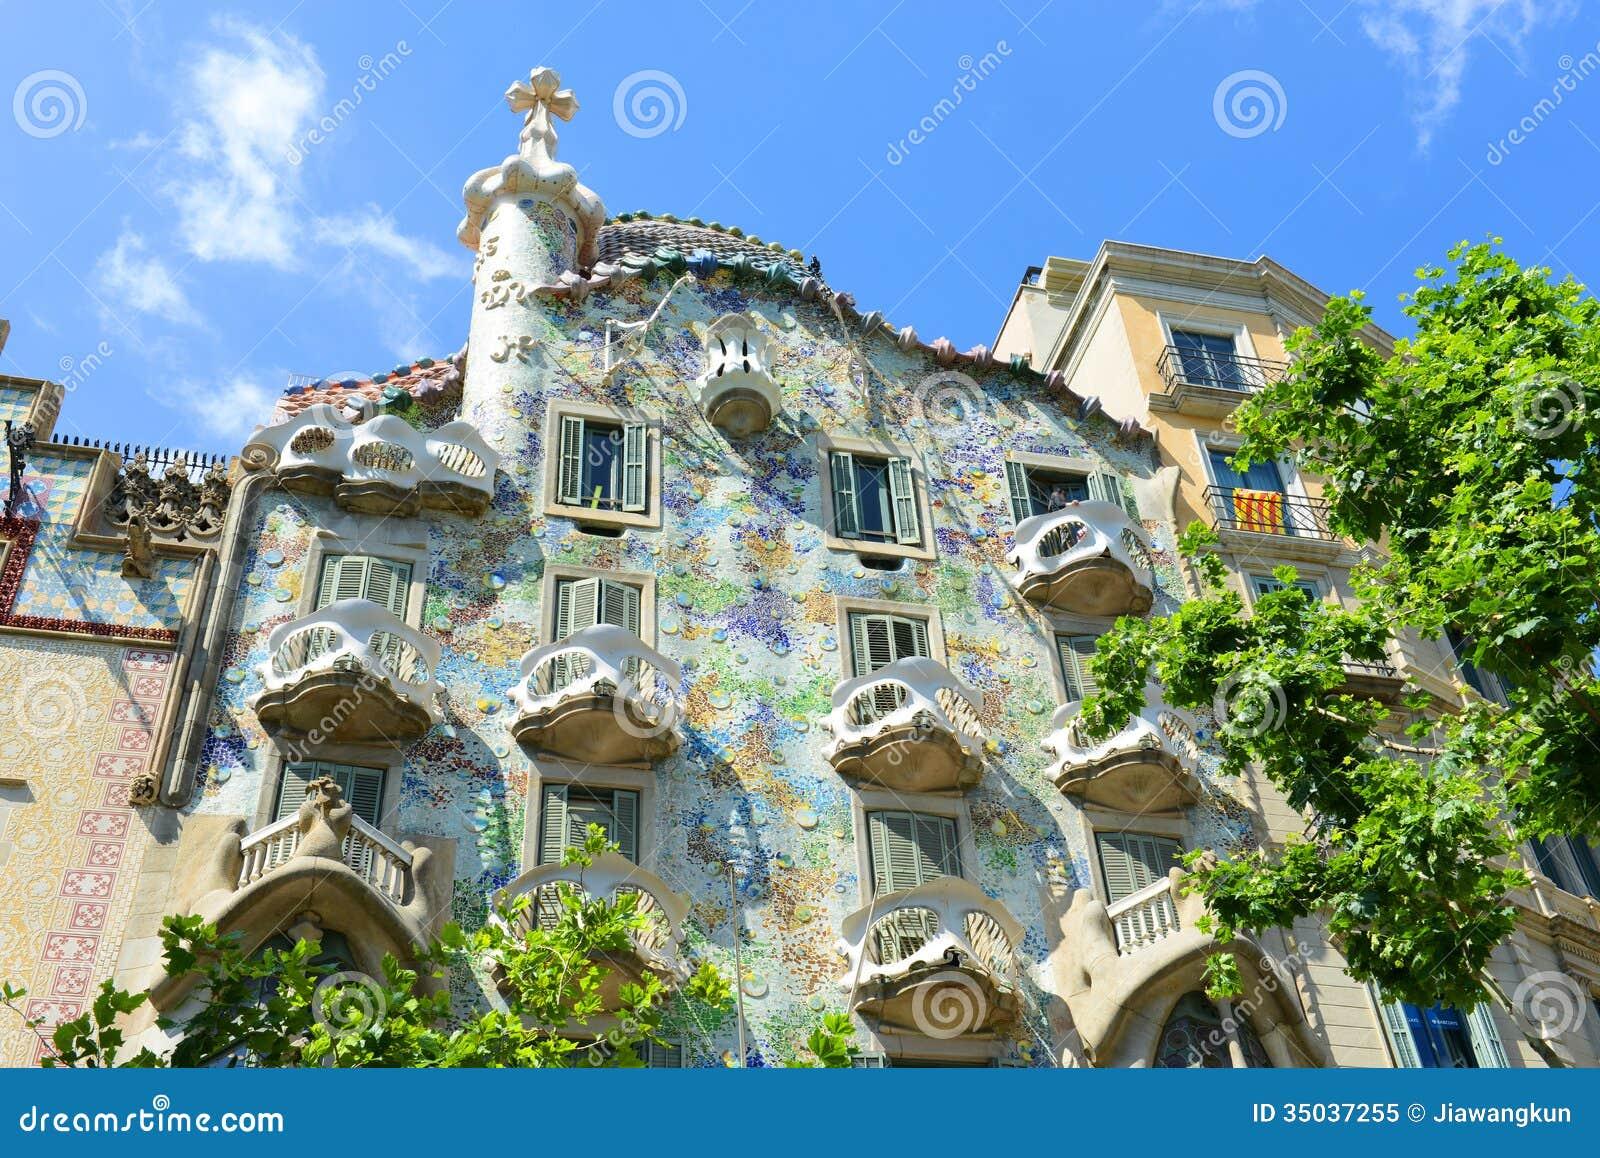 Casa Batllo, Eixample område, Barcelona, Spanien